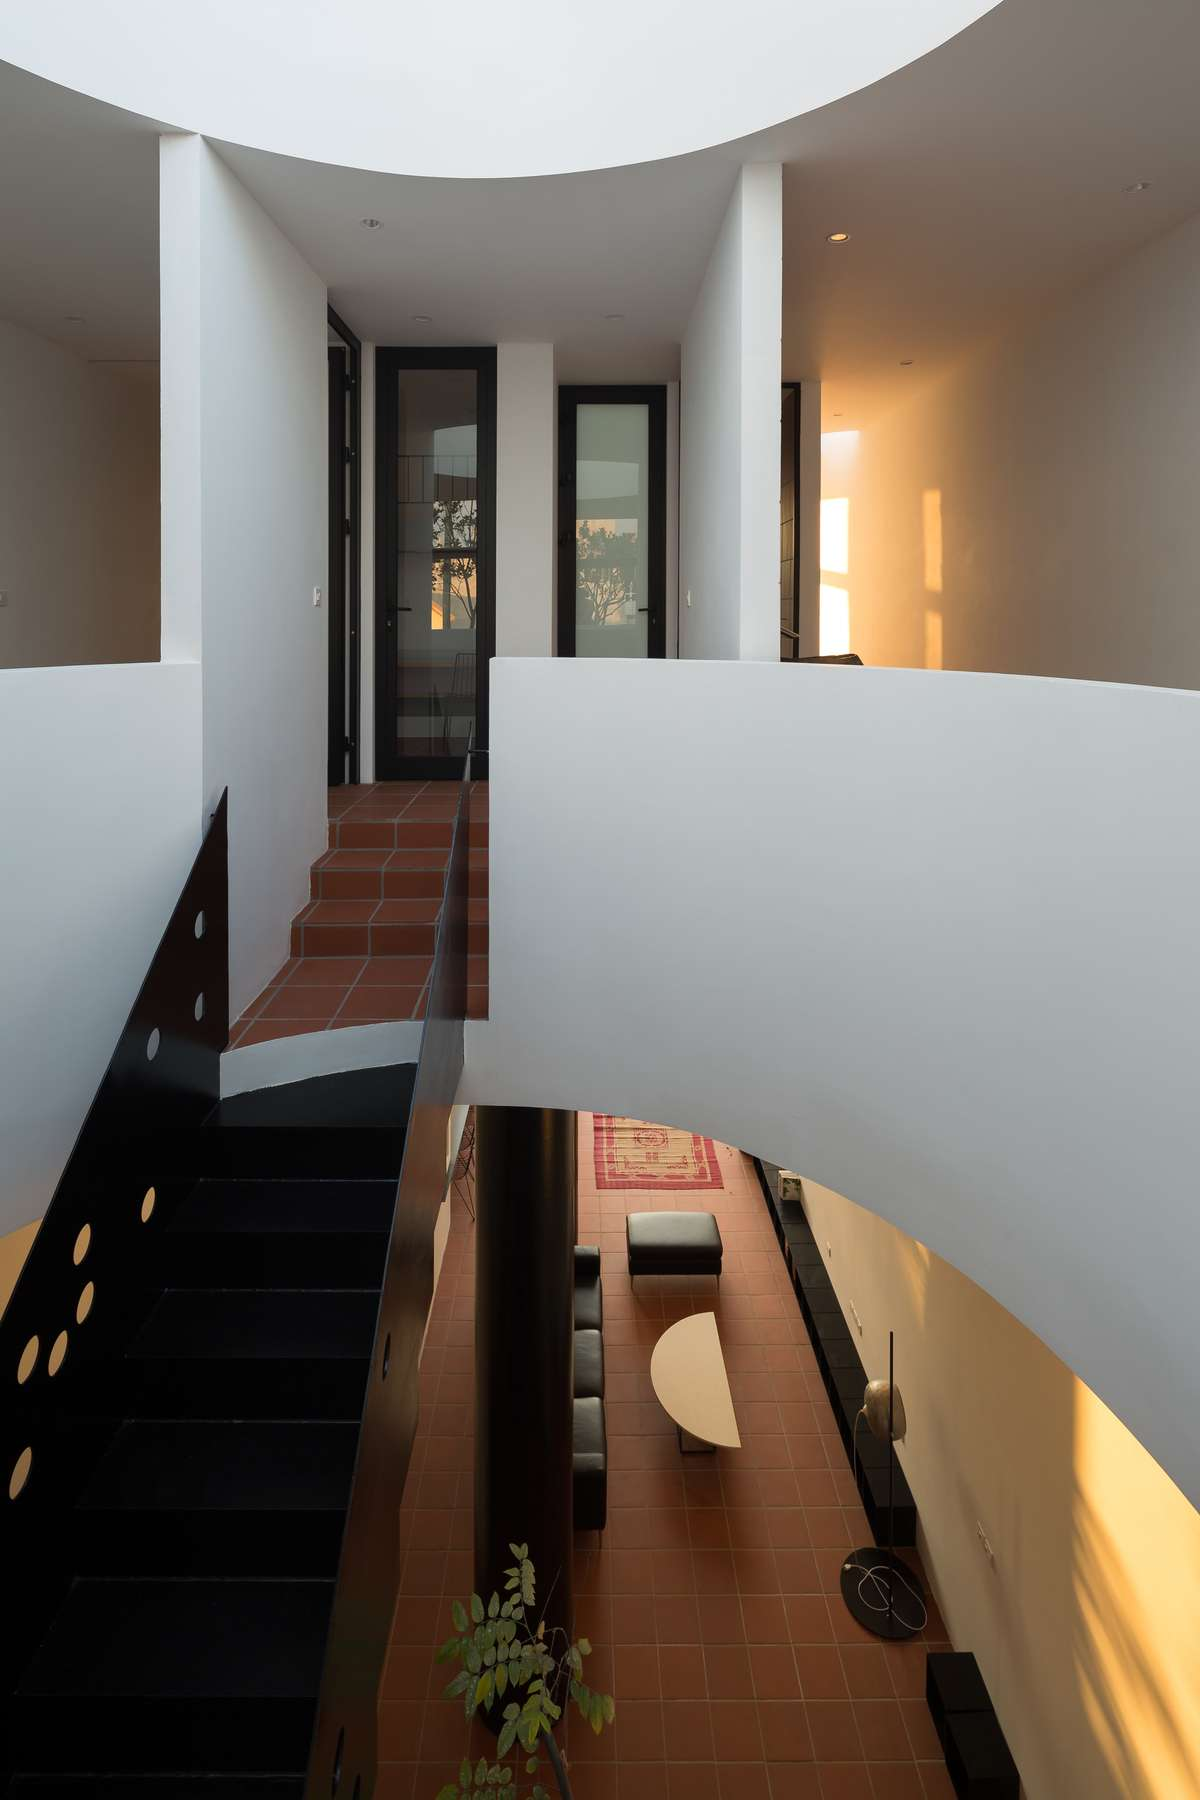 Đen (thép) – Trắng (tường) – Đỏ (đất nung) là ba yếu tố vật liệu xuyên suốt nội ngoại thất công trình-2